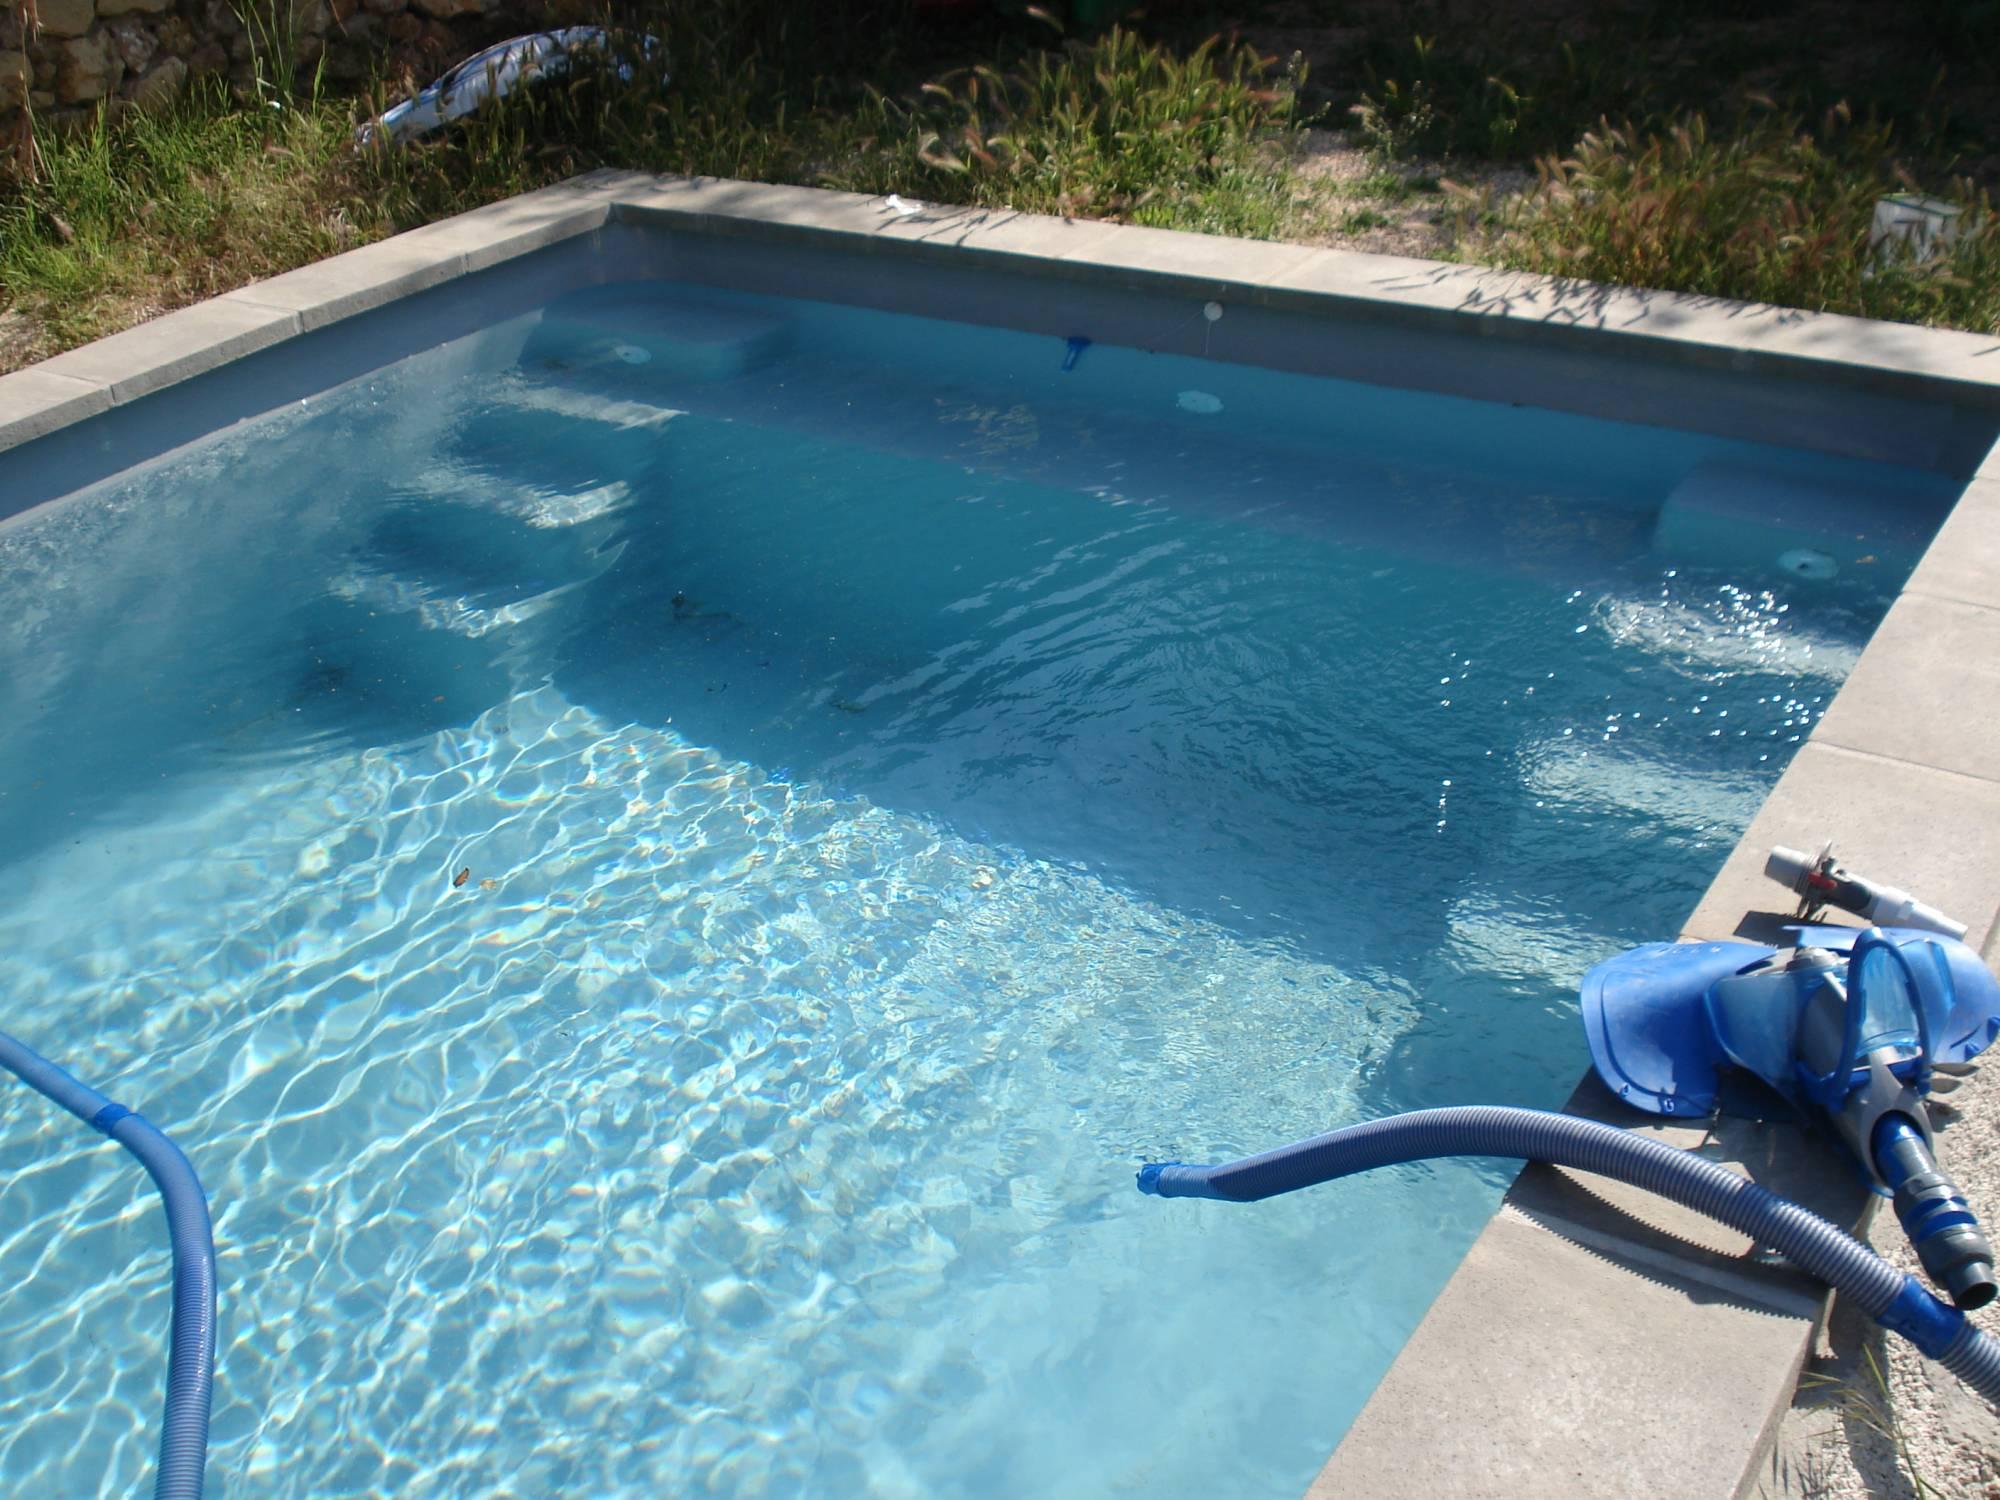 Piscine kit coque polyester bahamas france piscines for Piscine coque kit